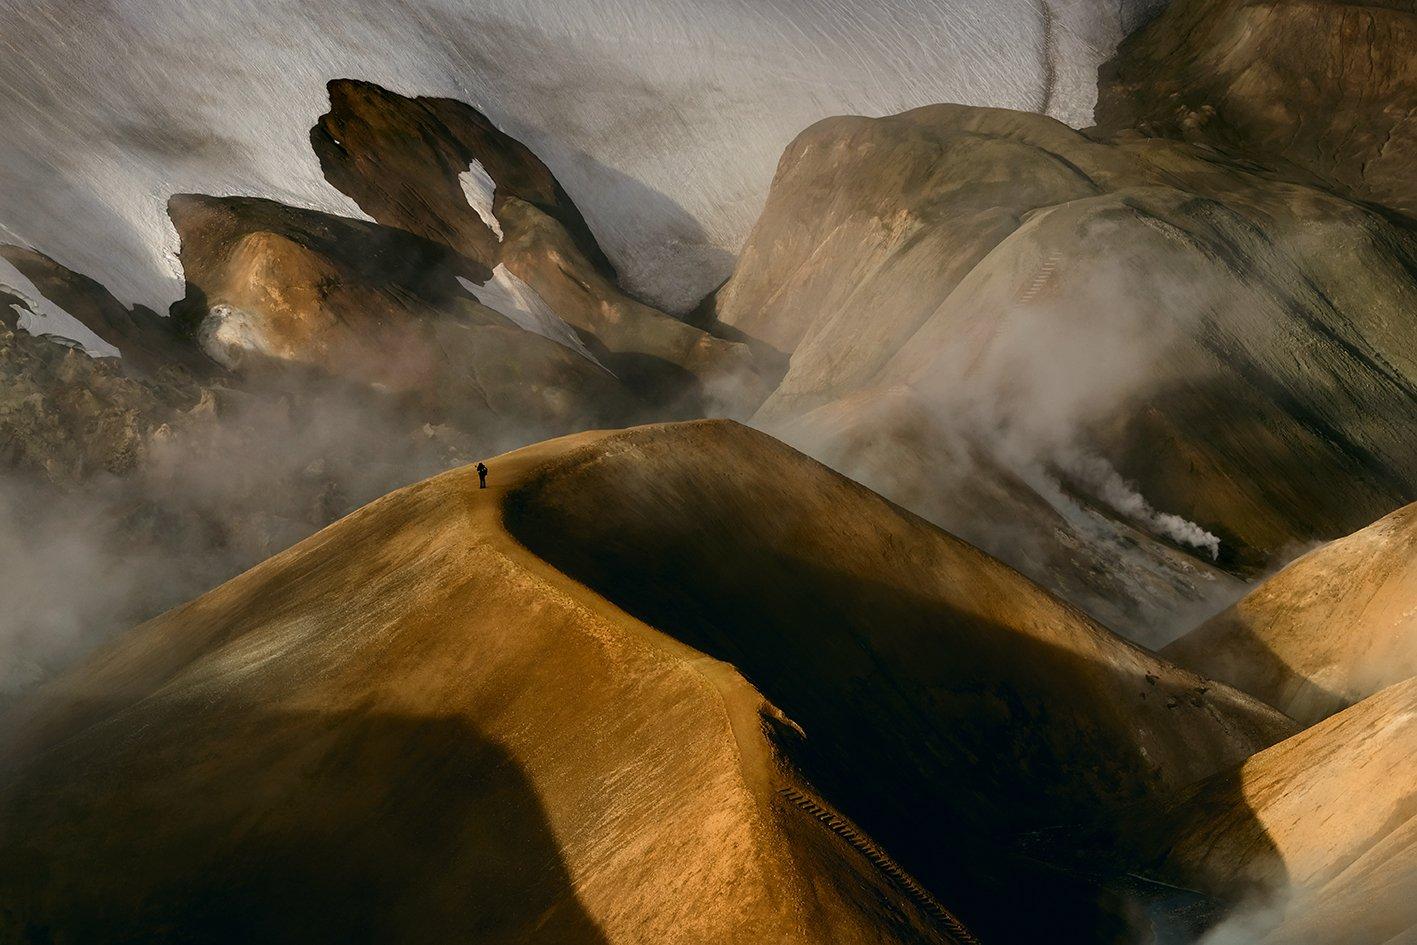 iceland, исландия, kerlingarfjöll, высокогорье исландии, icelandic highlands, highlands of iceland, Татьяна Ефименко